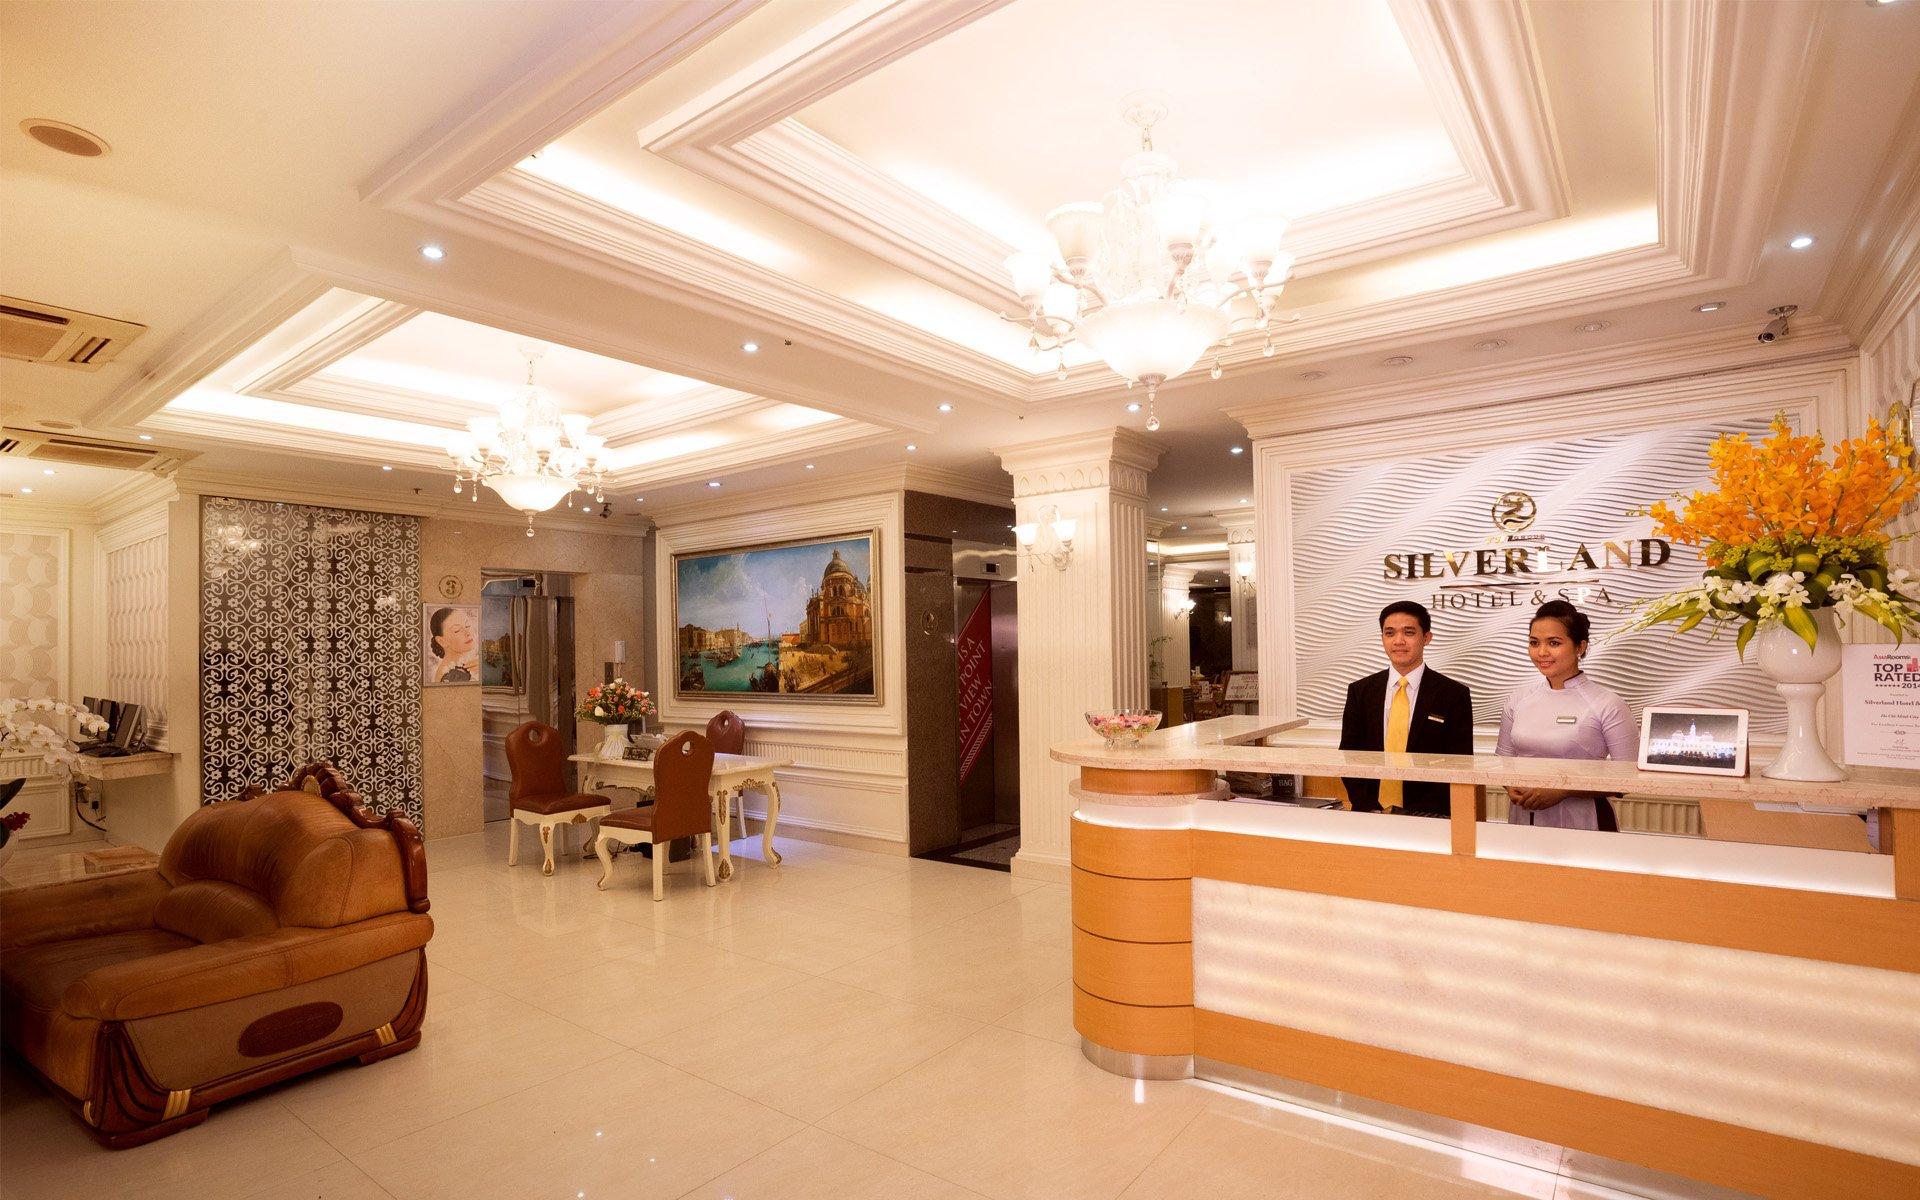 銀地酒店及水療